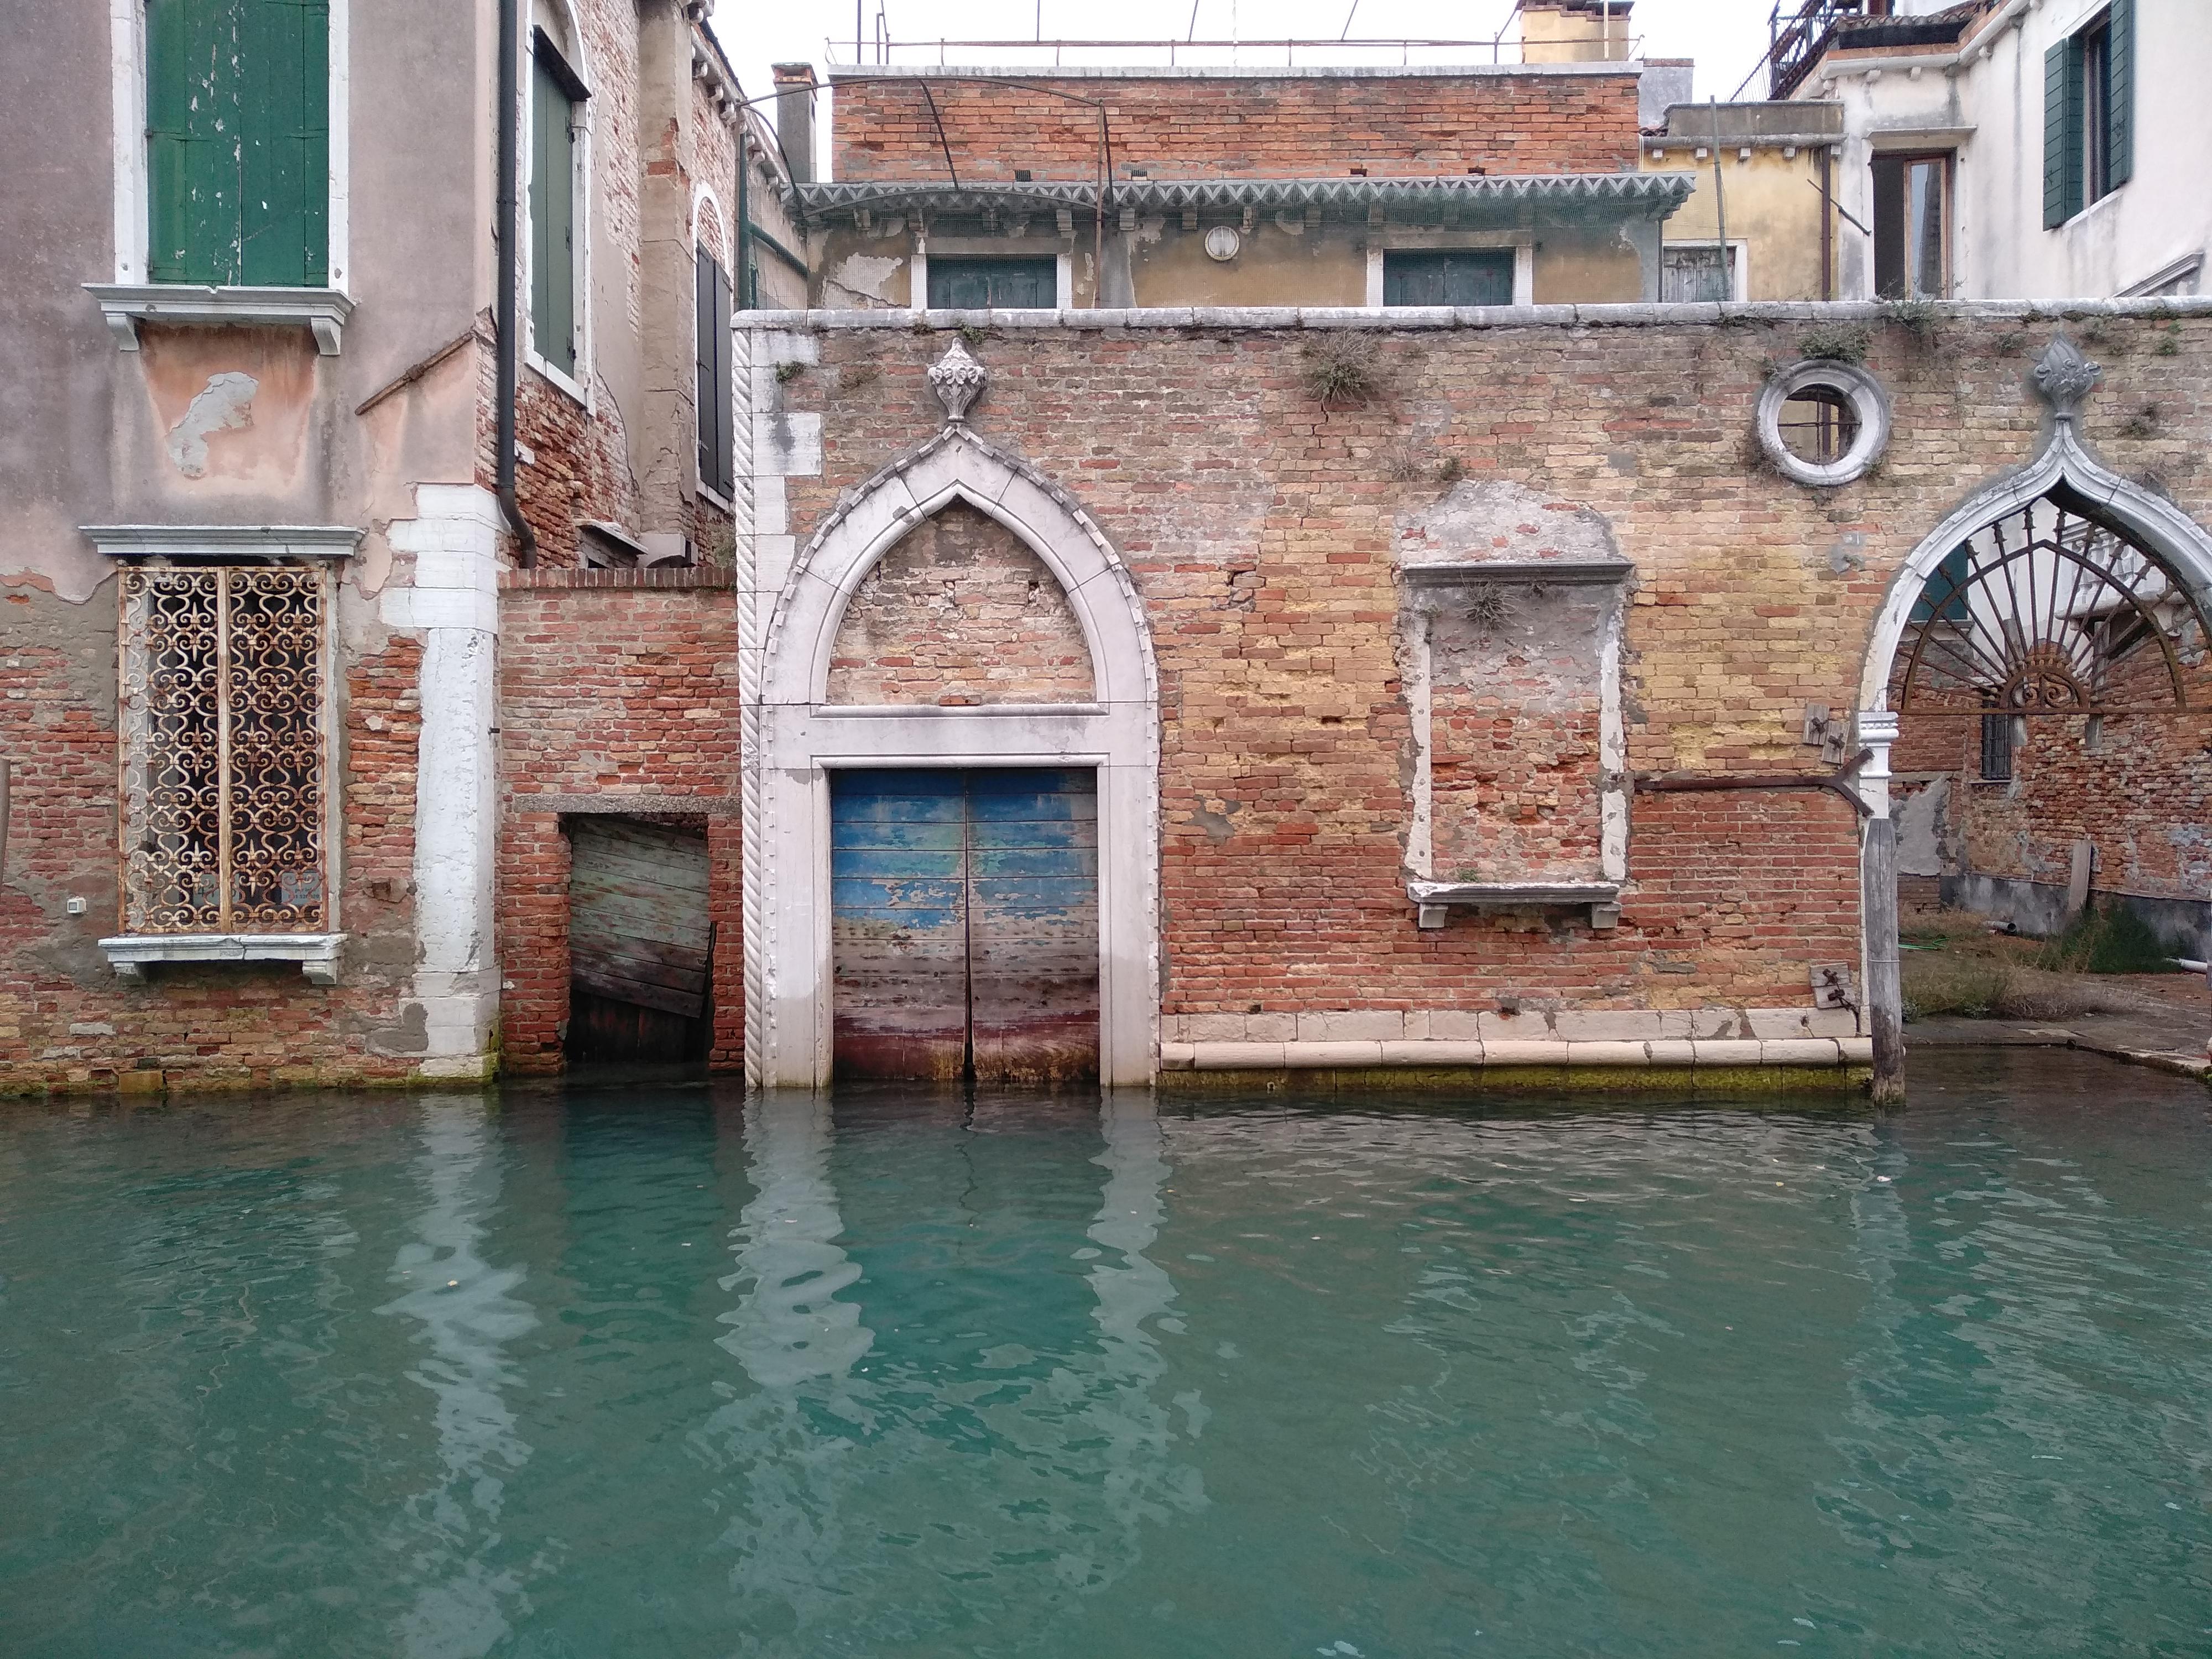 L'acqua alta à Venise : c'est quoi ?